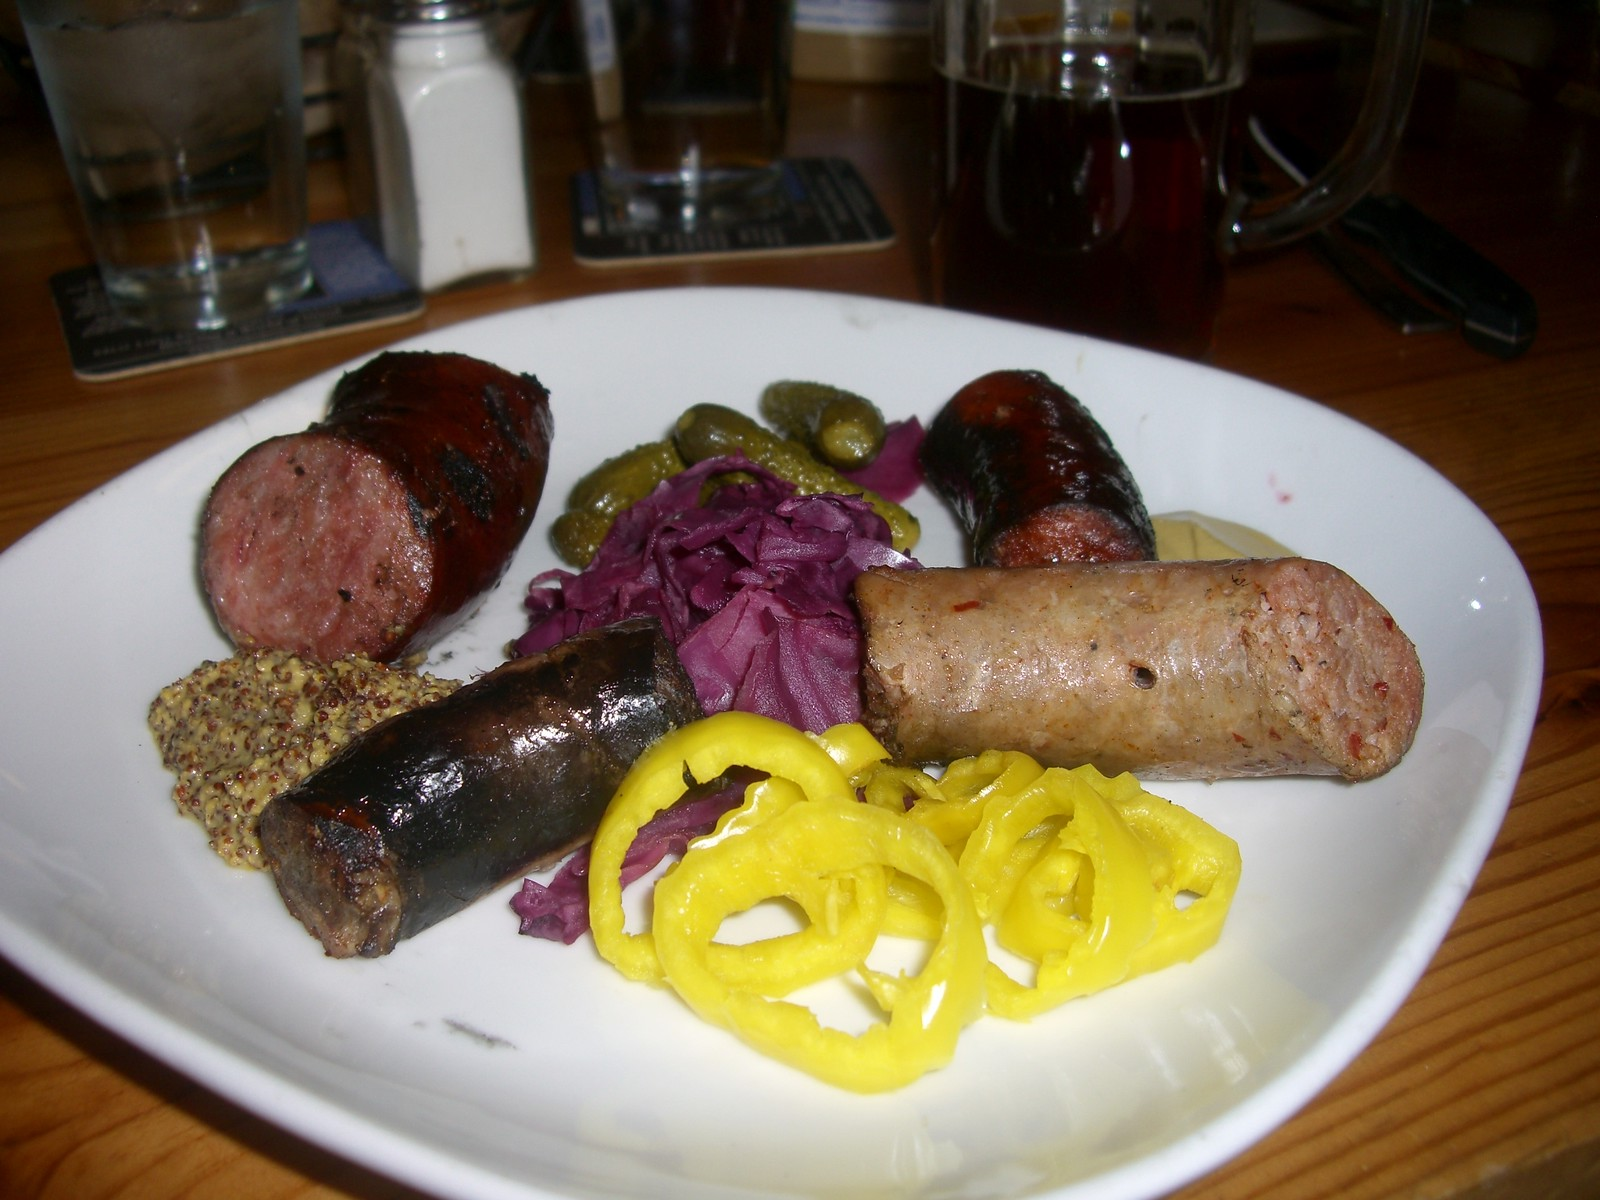 Great Lakes Sausage